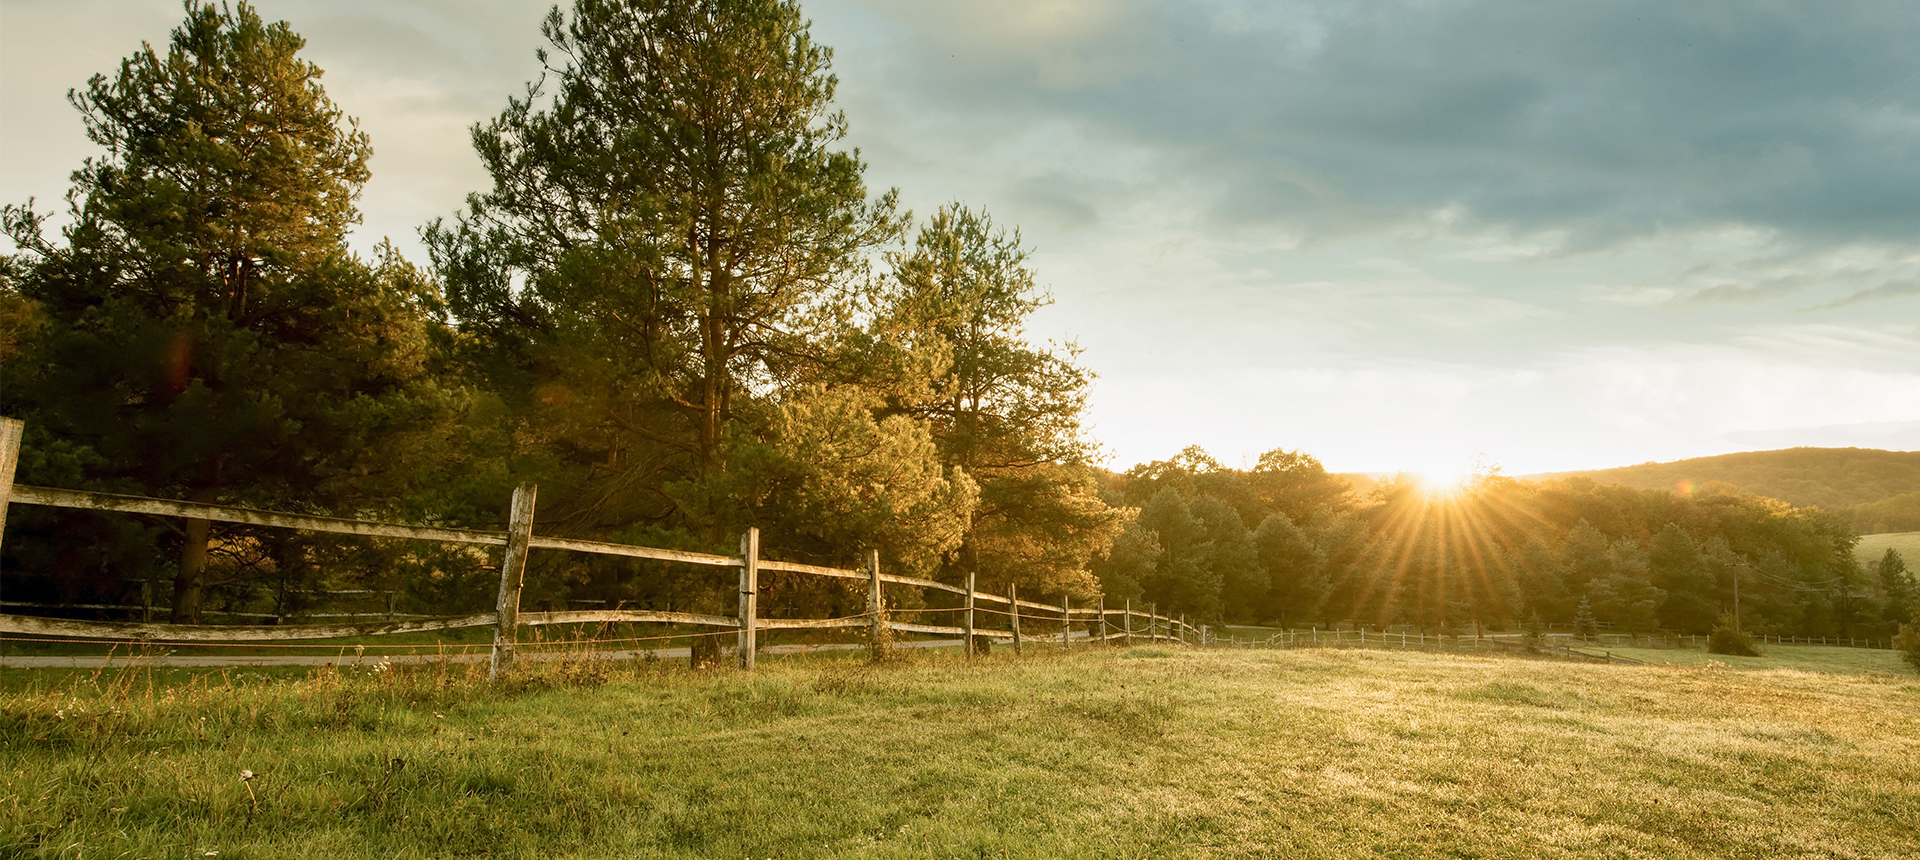 Fenced pasture land at sunrise